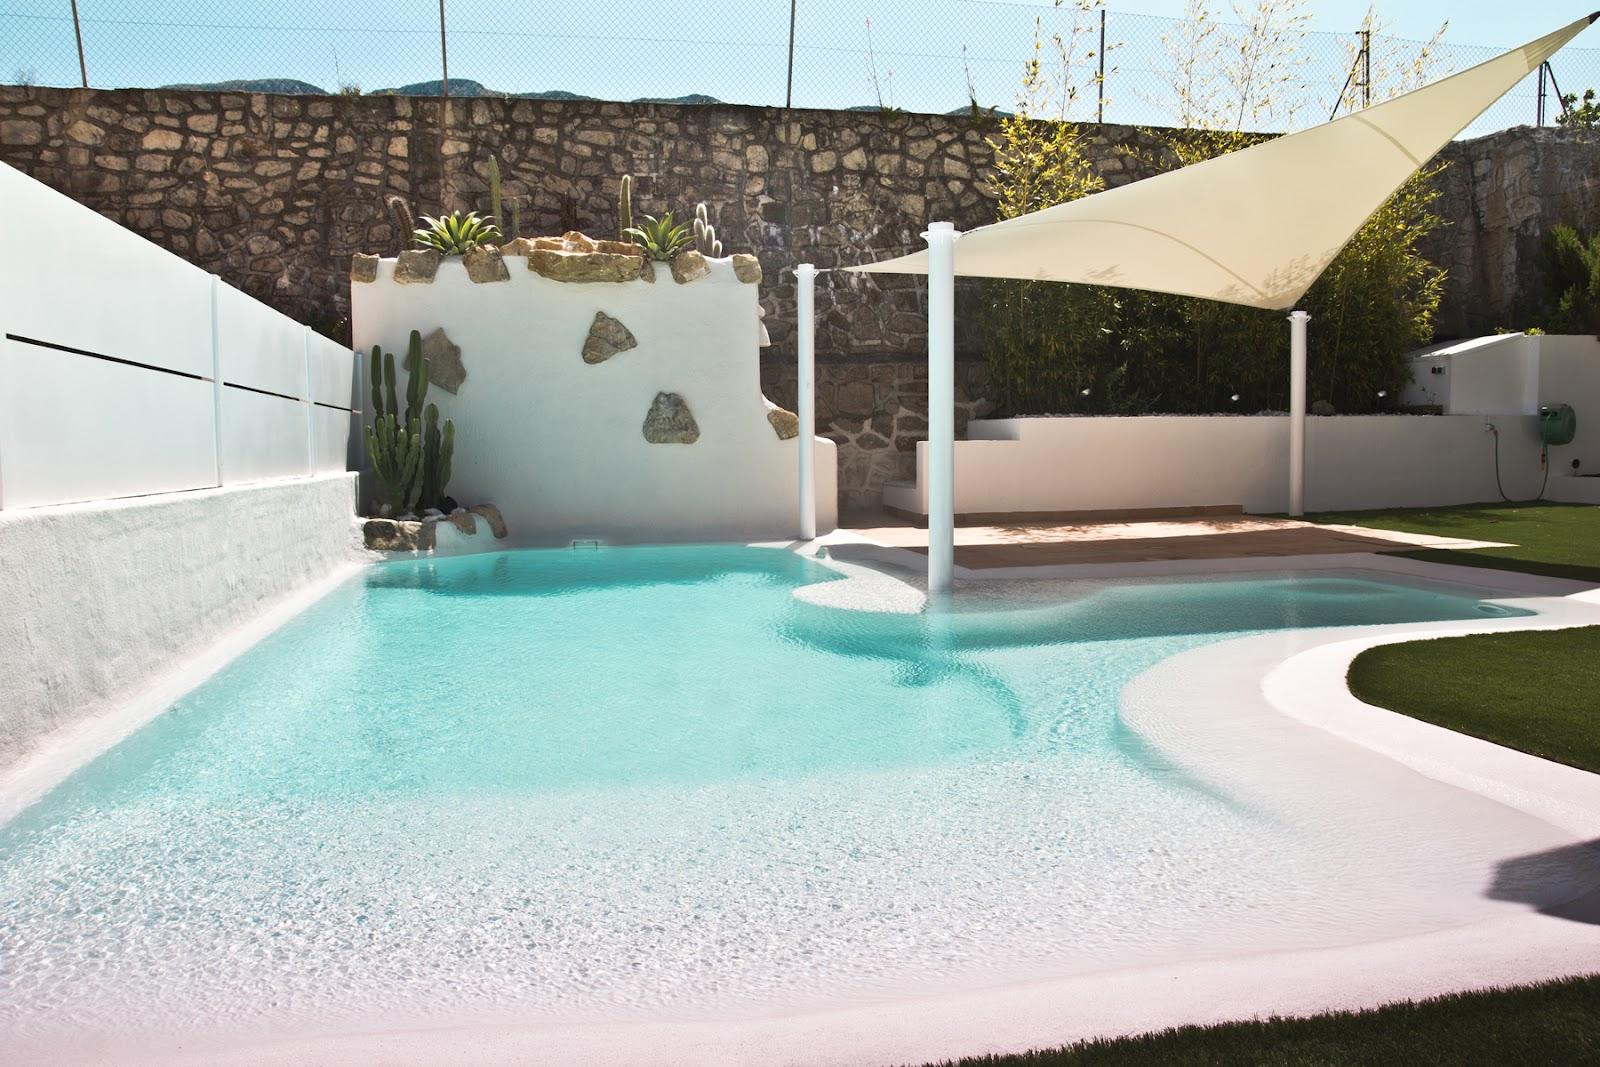 piscinas de arena o cmo disfrutar de la playa sin salir de casa u with medidas de piscinas de casas